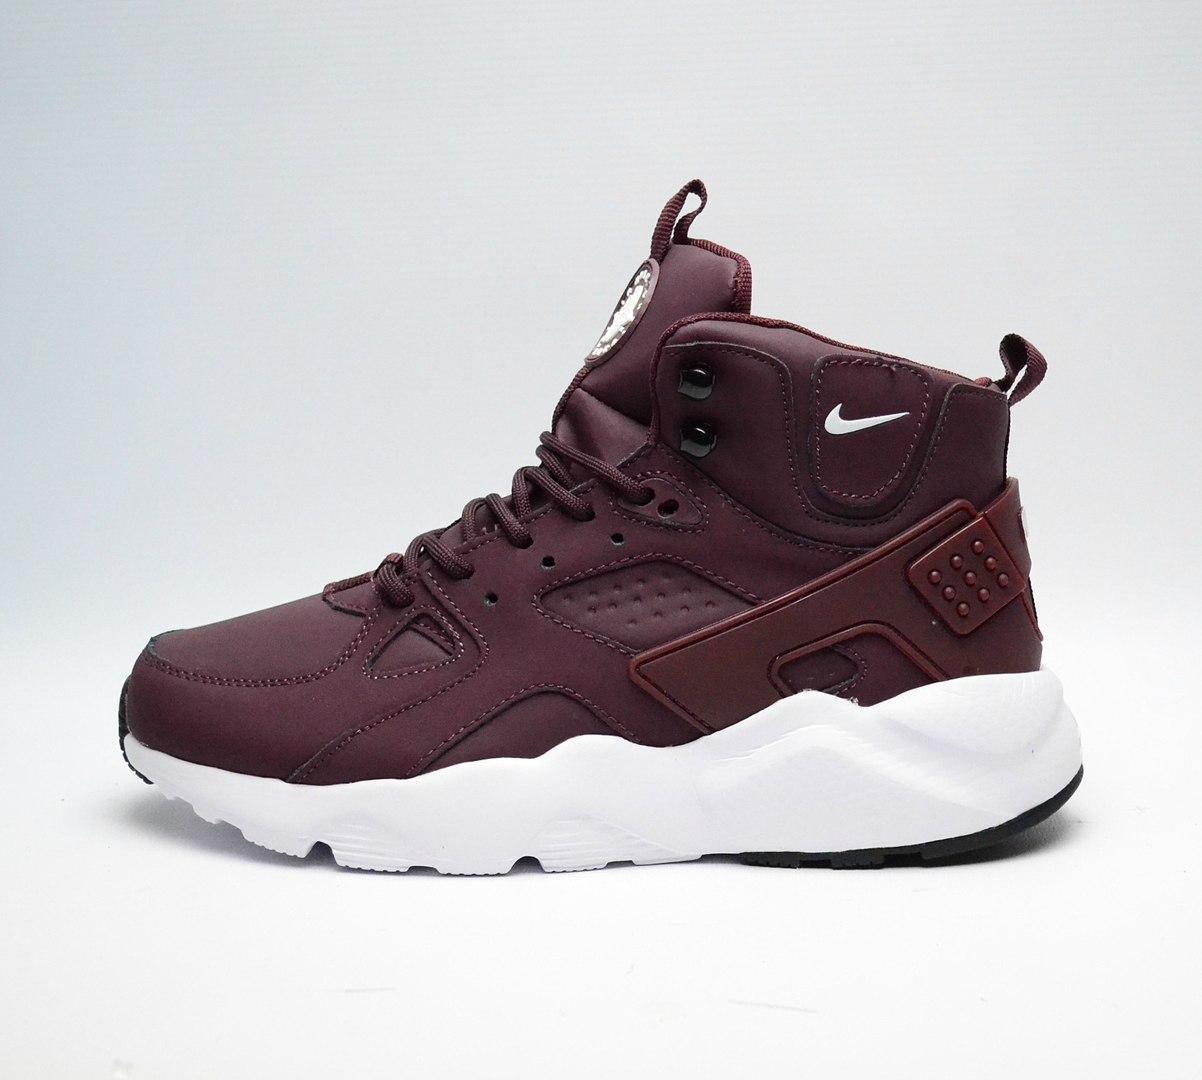 9535c633 Зимние мужские кроссовки Nike Air Huarache Winter Shoes, Копия, ...